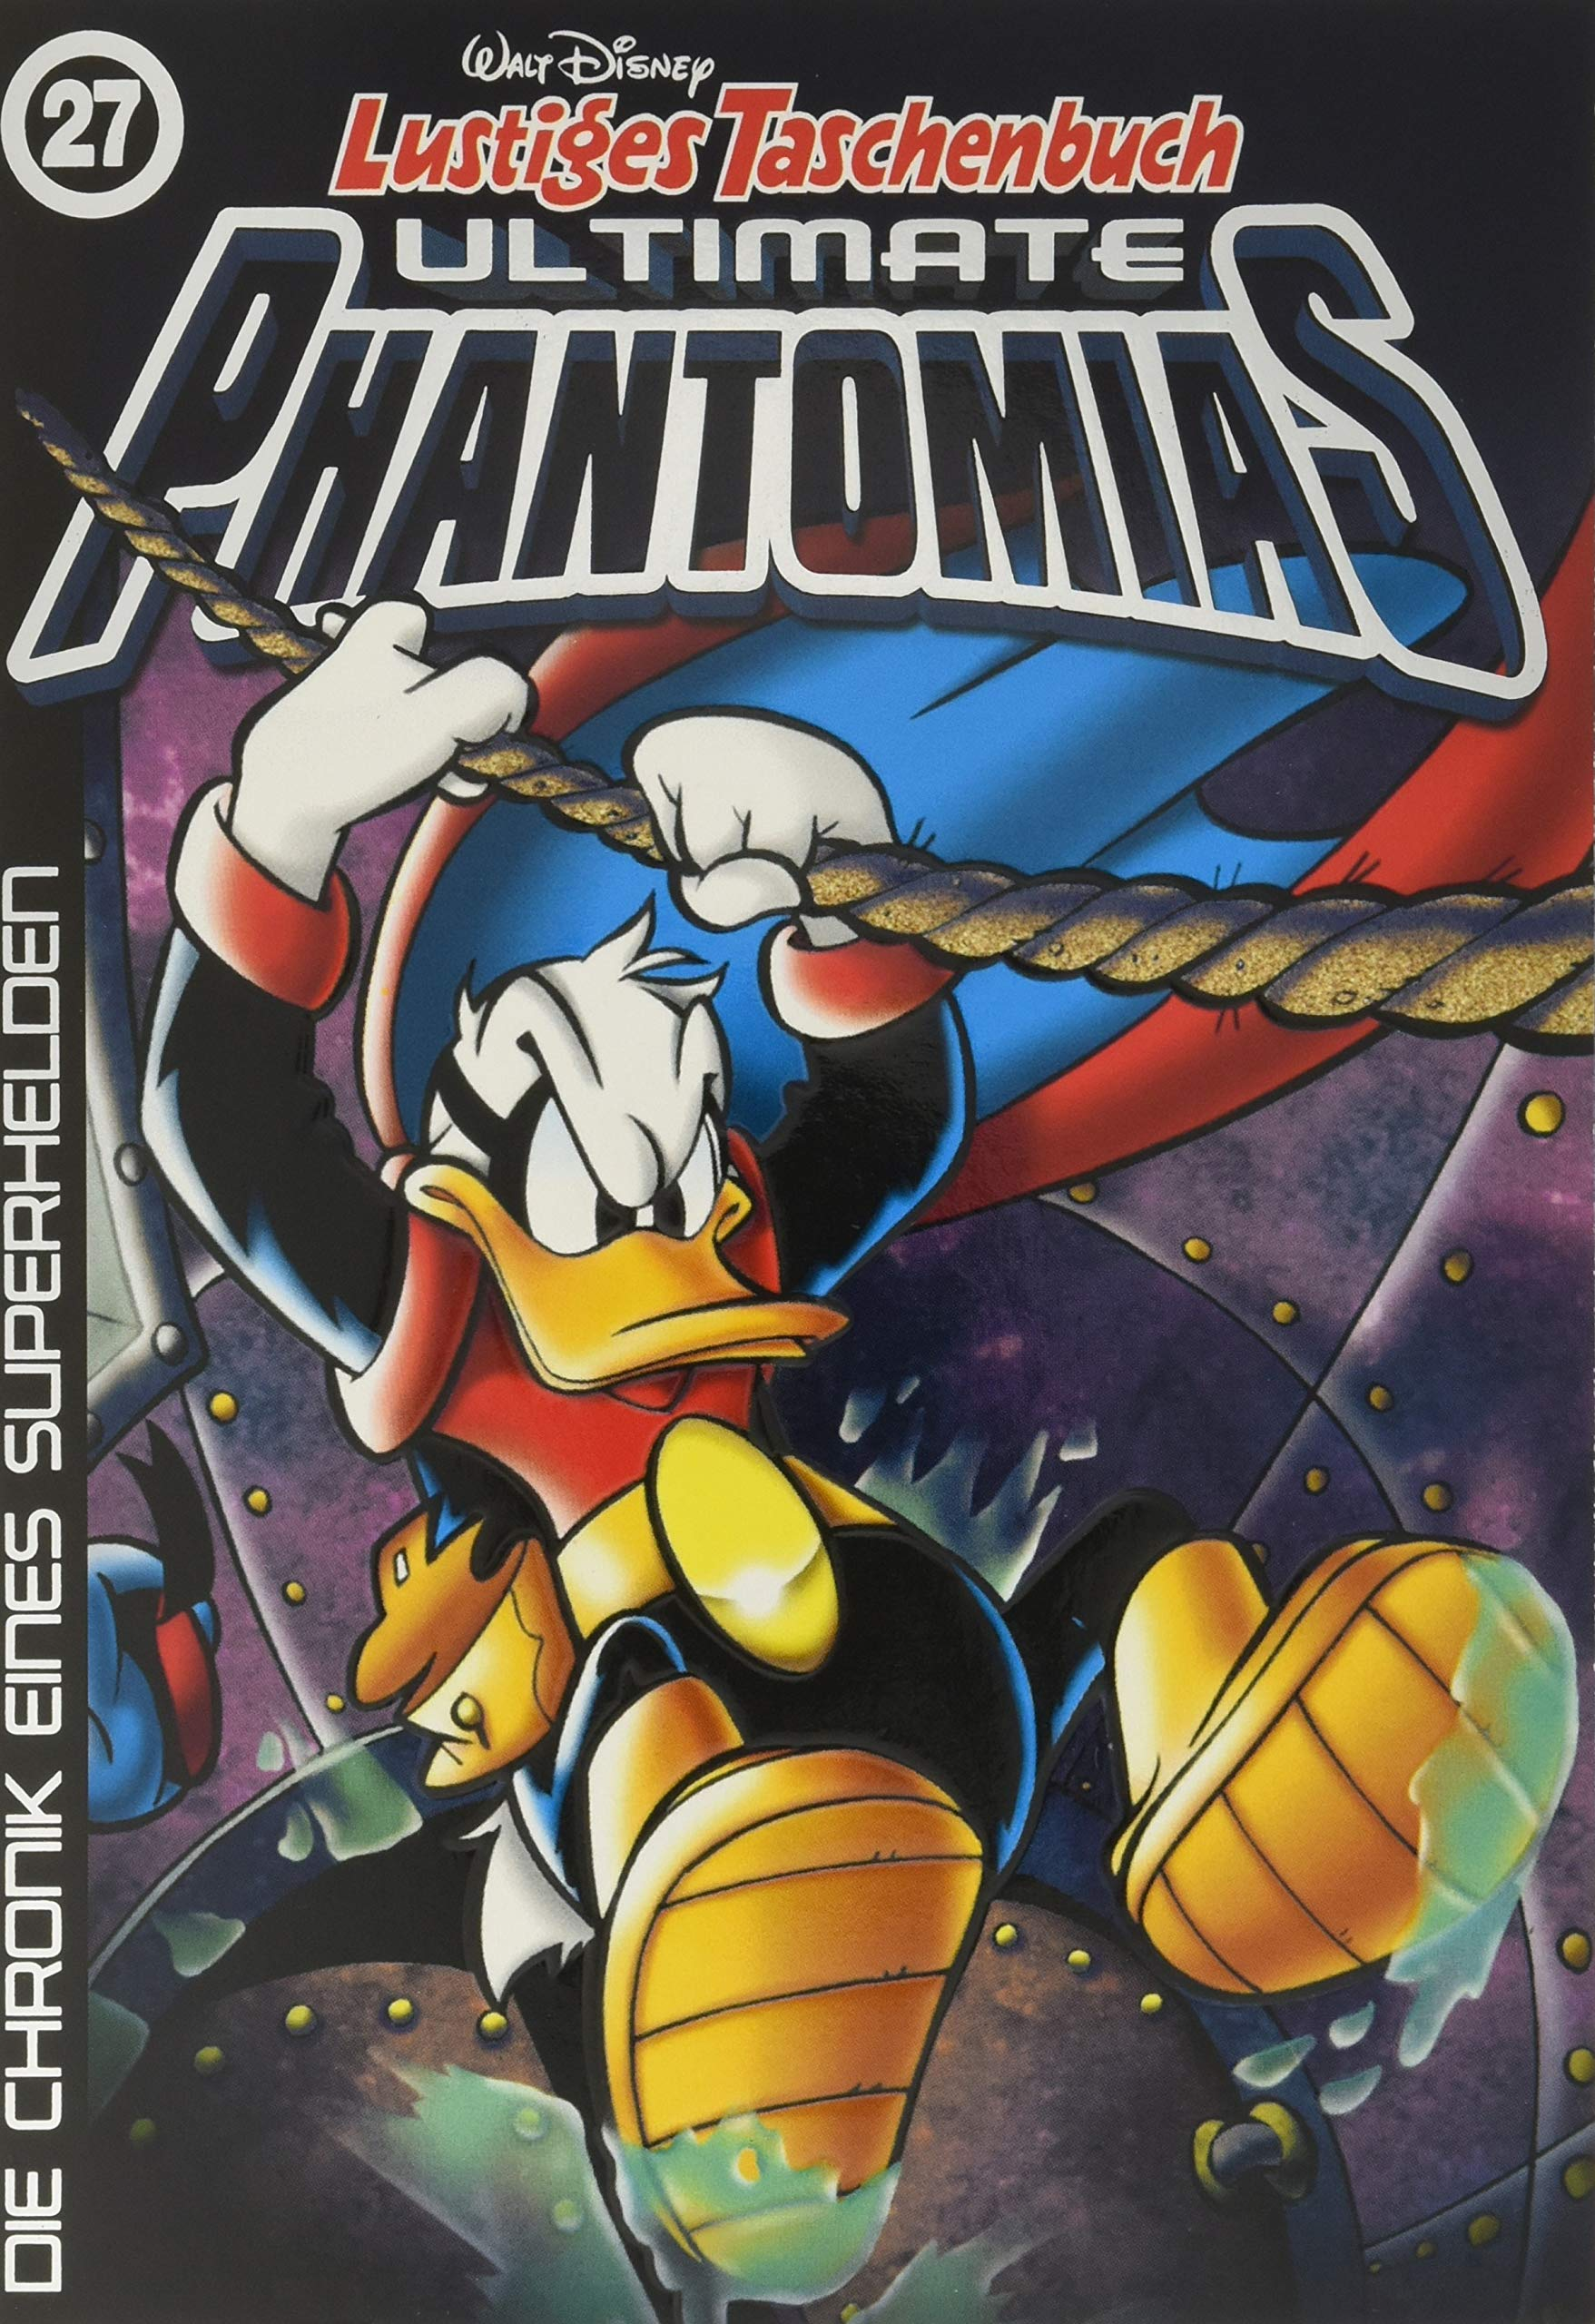 Lustiges Taschenbuch Ultimate Phantomias 27  Die Chronik Eines Superhelden